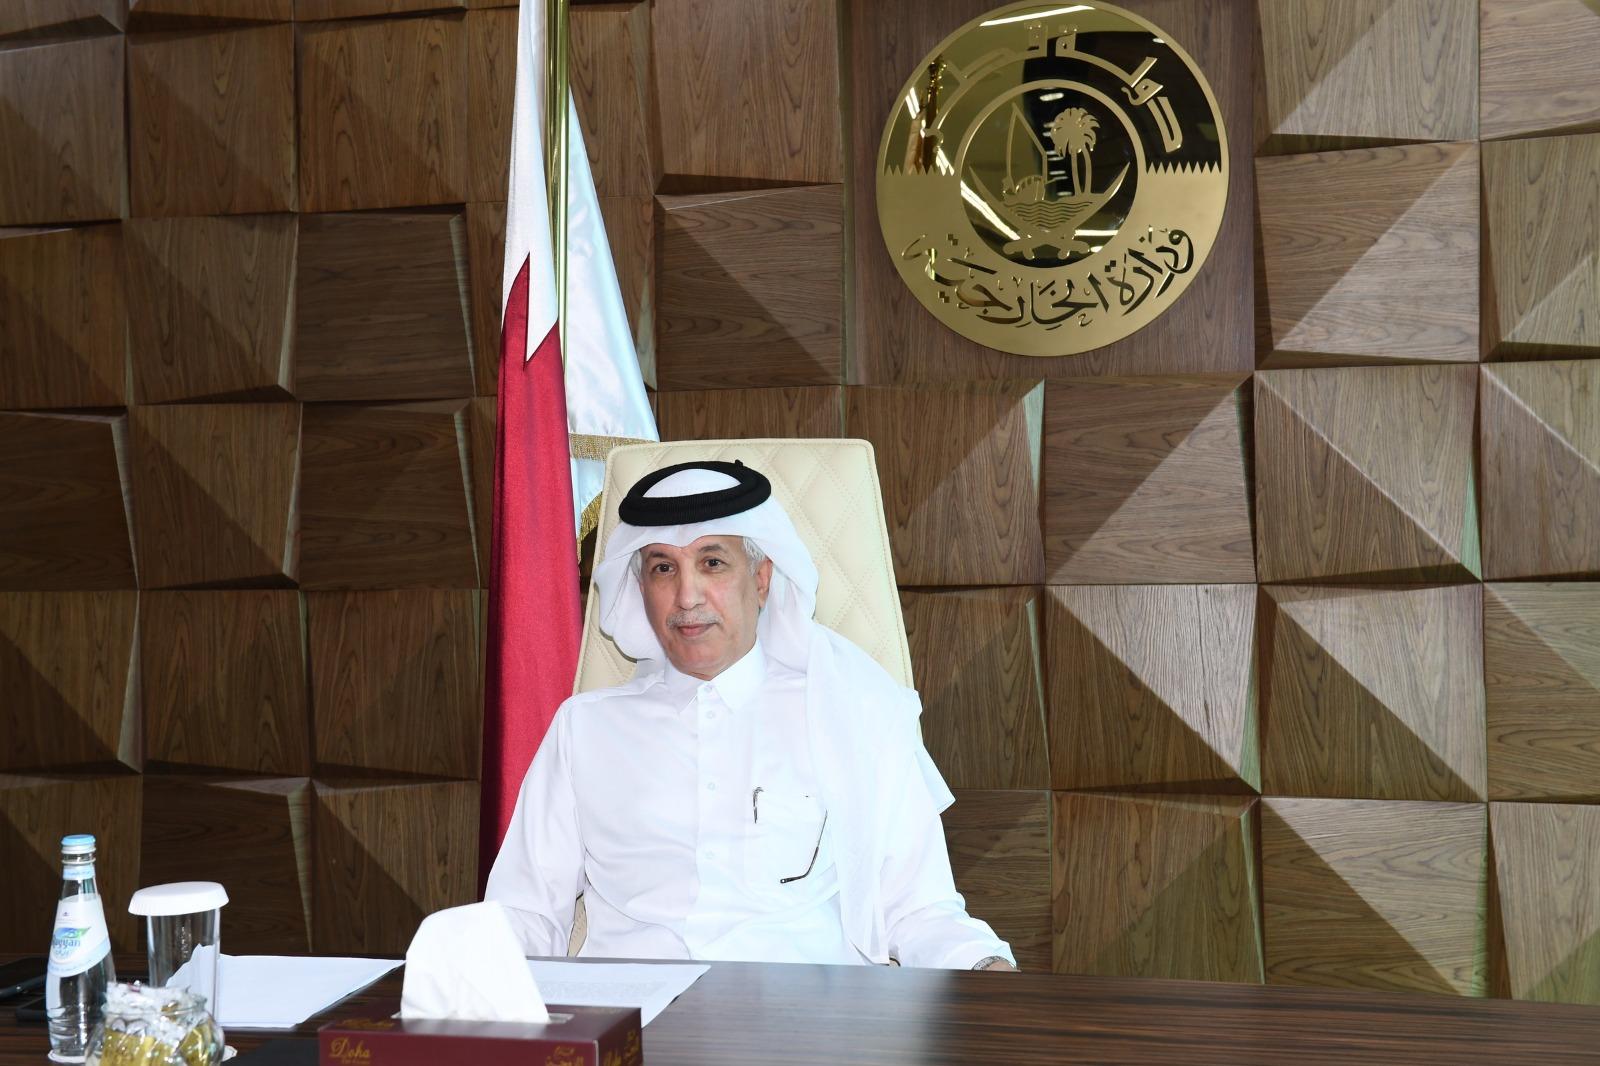 دولة قطر تشارك في الاجتماع السنوي لوزراء خارجية مجموعة البلدان النامية غير الساحلية